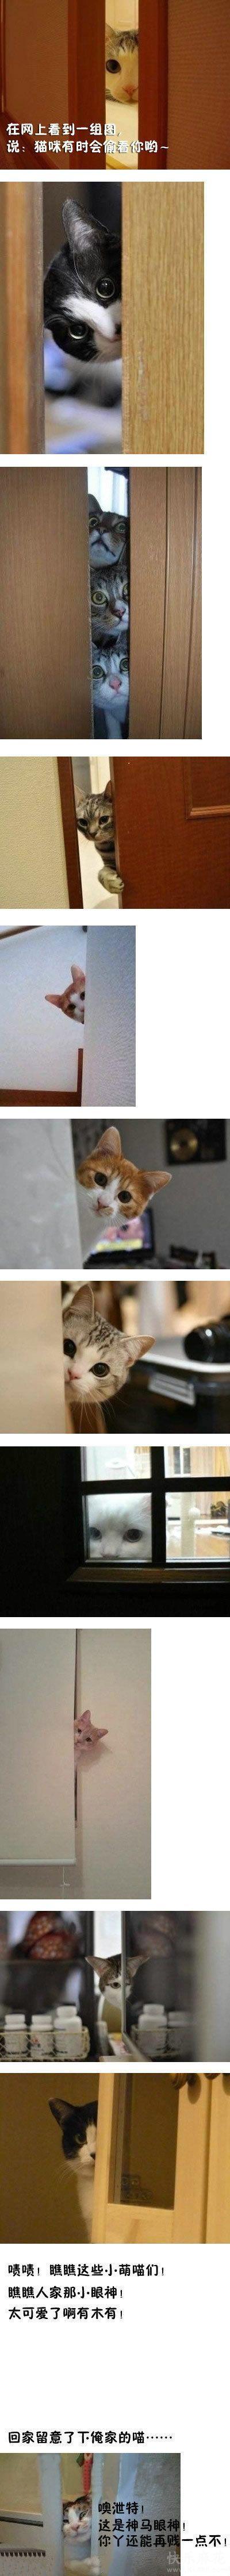 网上看到猫咪偷窥超可爱,回家留意了下俺的猫,结果...